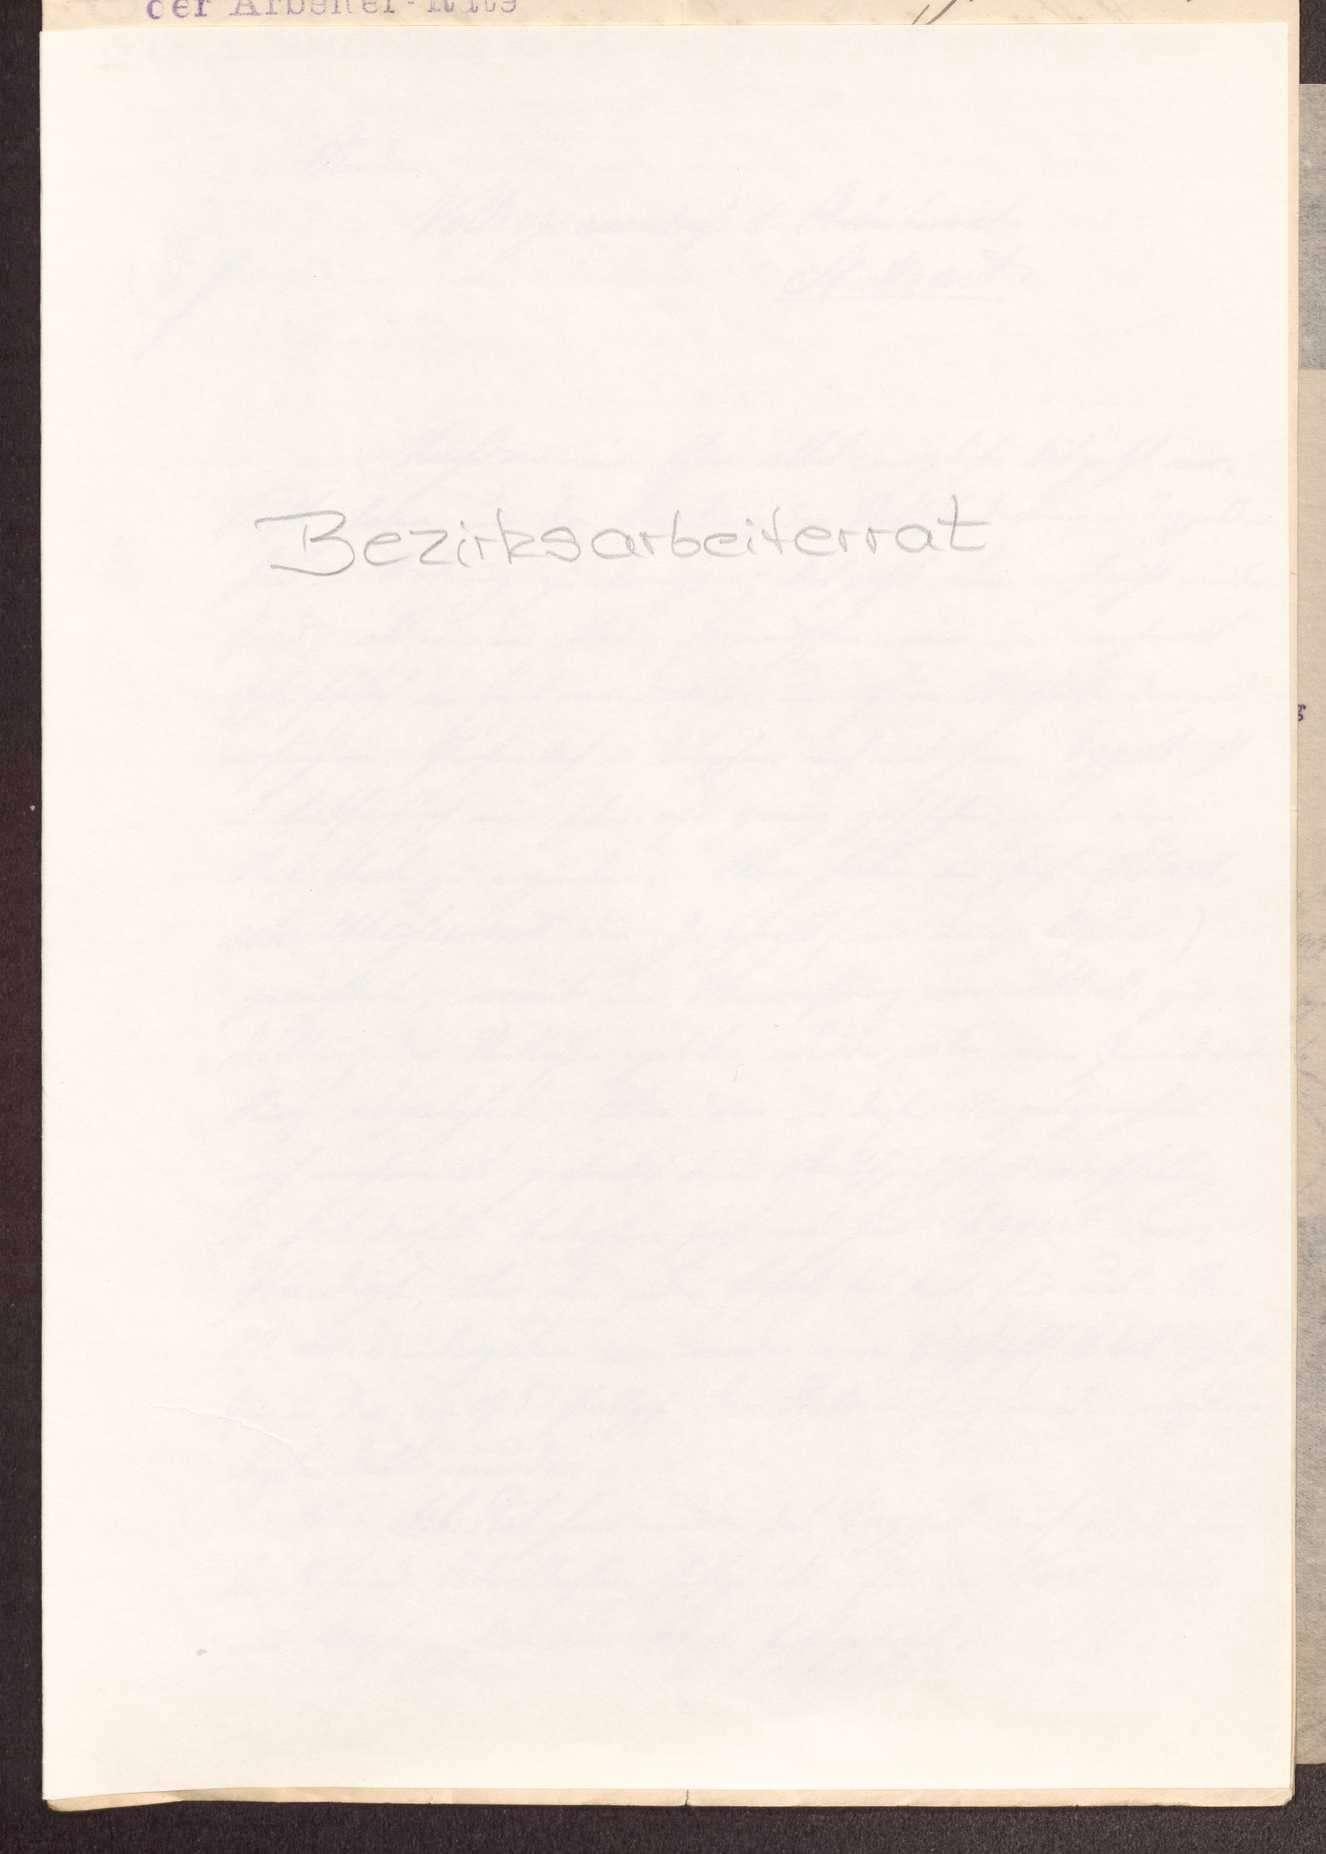 Finanzierung und Rechnungslegung örtlicher Arbeiter- und Bauernräte im Oberamt Neuenbürg, Bild 1